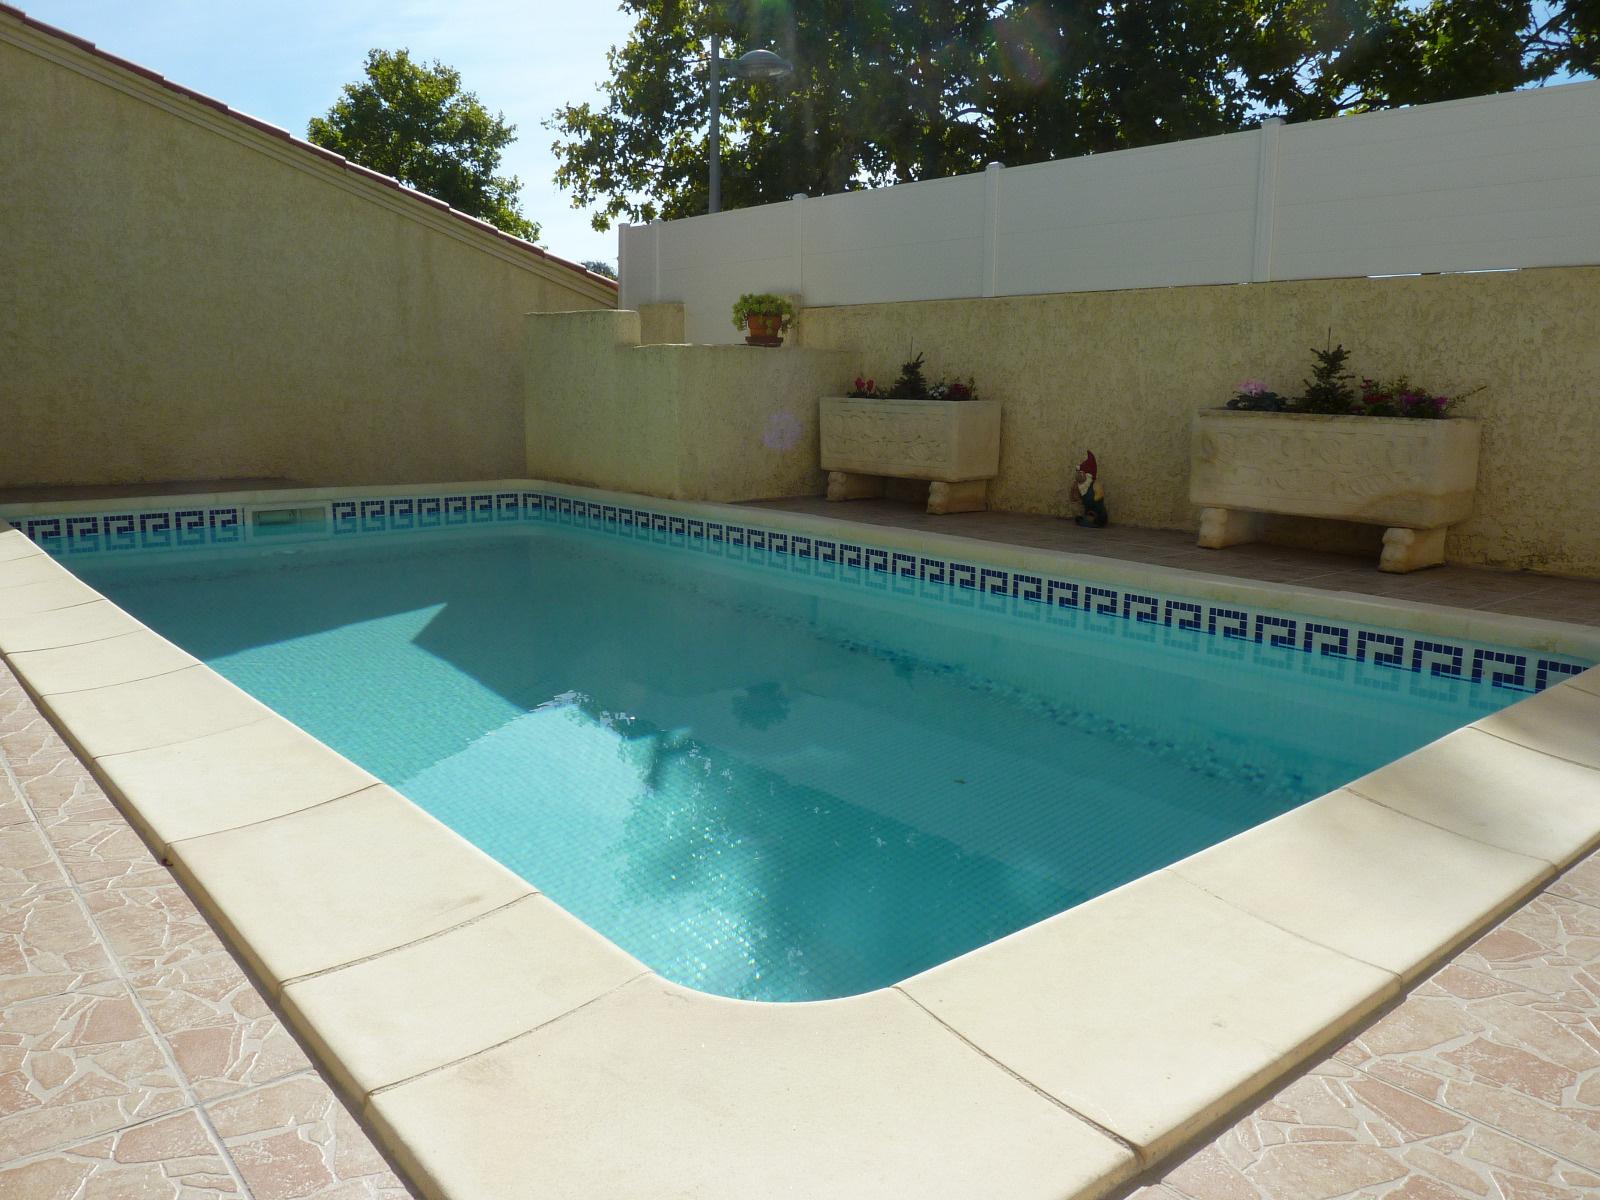 Vente maison de ville avec piscine for Piscine 3 villes